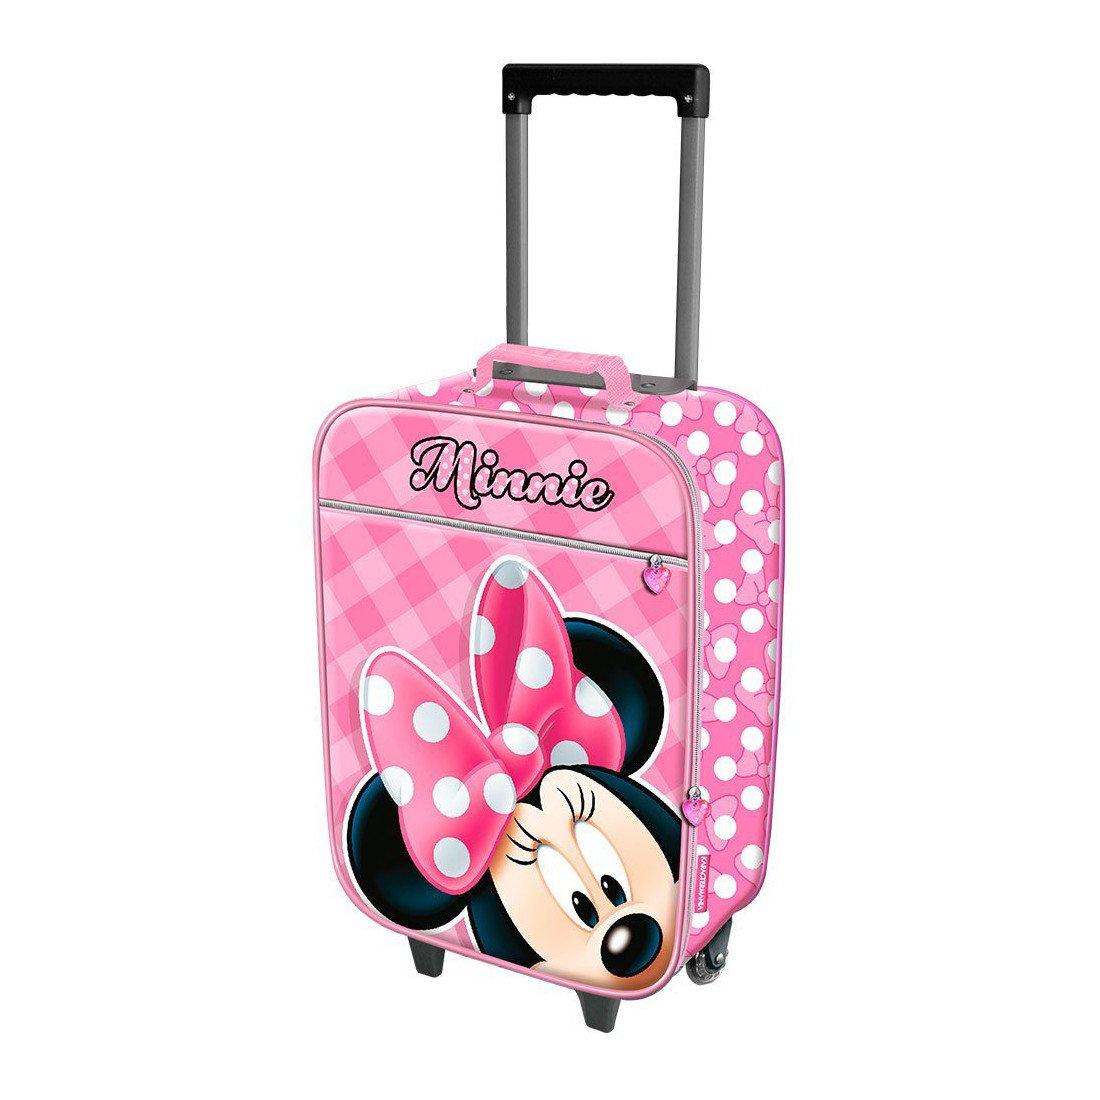 Carro de equipaje de mano por Minnie karacter Mania rosa bebé 93849: Amazon.es: Ropa y accesorios